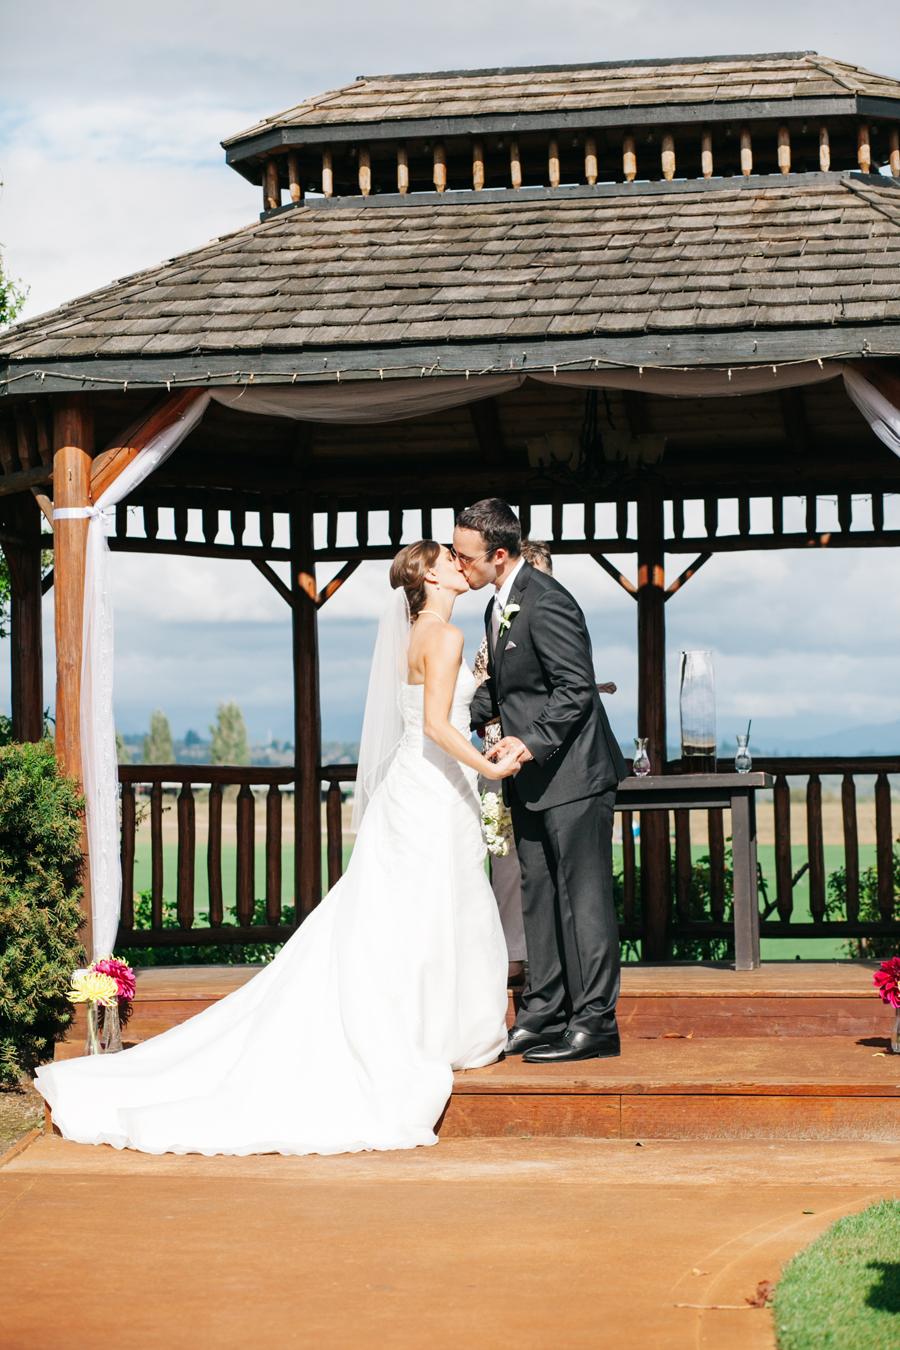 058-bellingham-wedding-photographer-katheryn-moran-photography-hidden-meadows.jpg